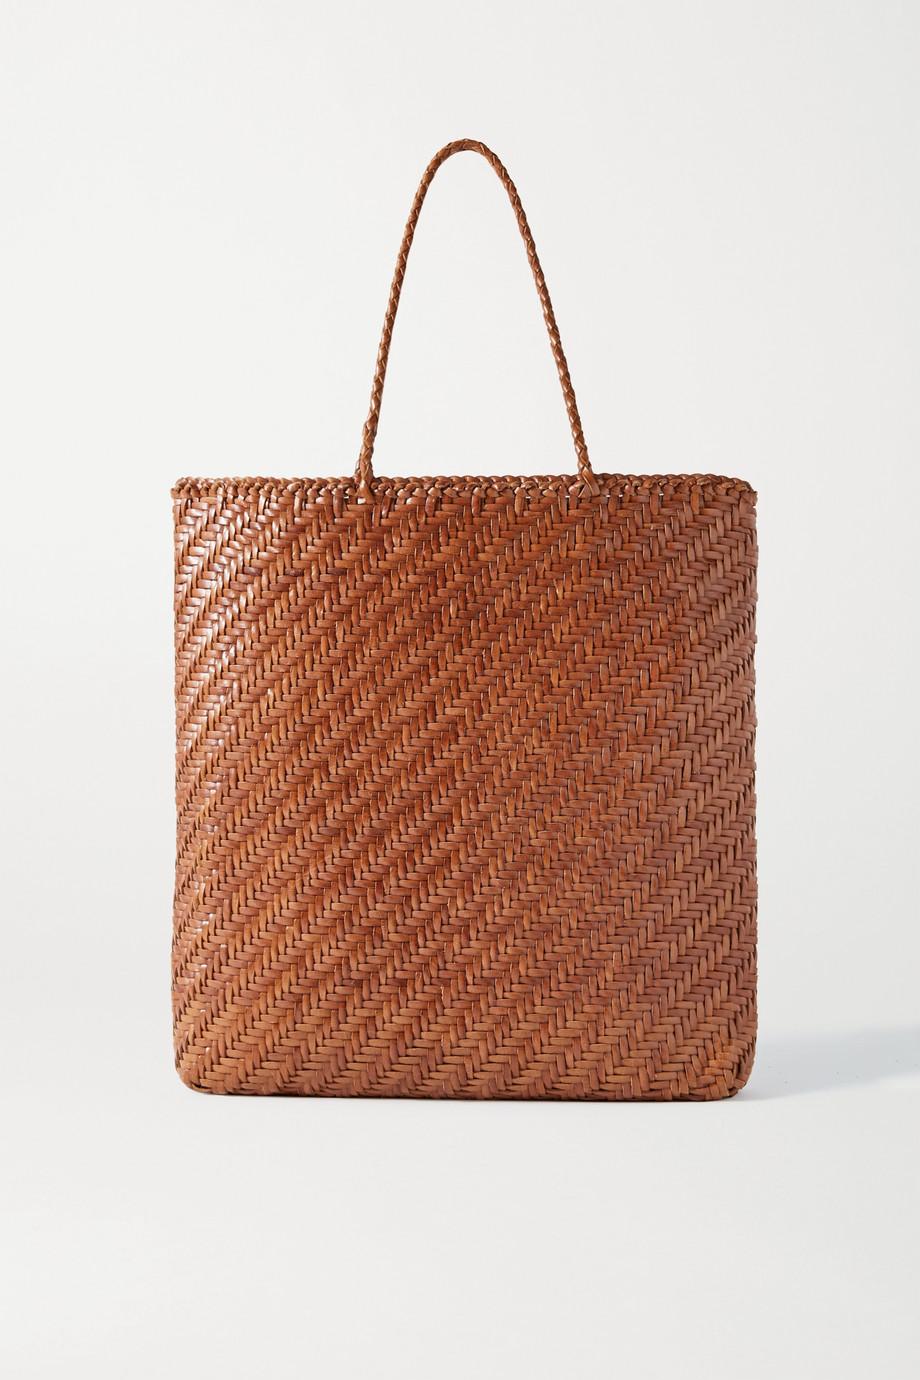 Dragon Diffusion Kete woven leather tote